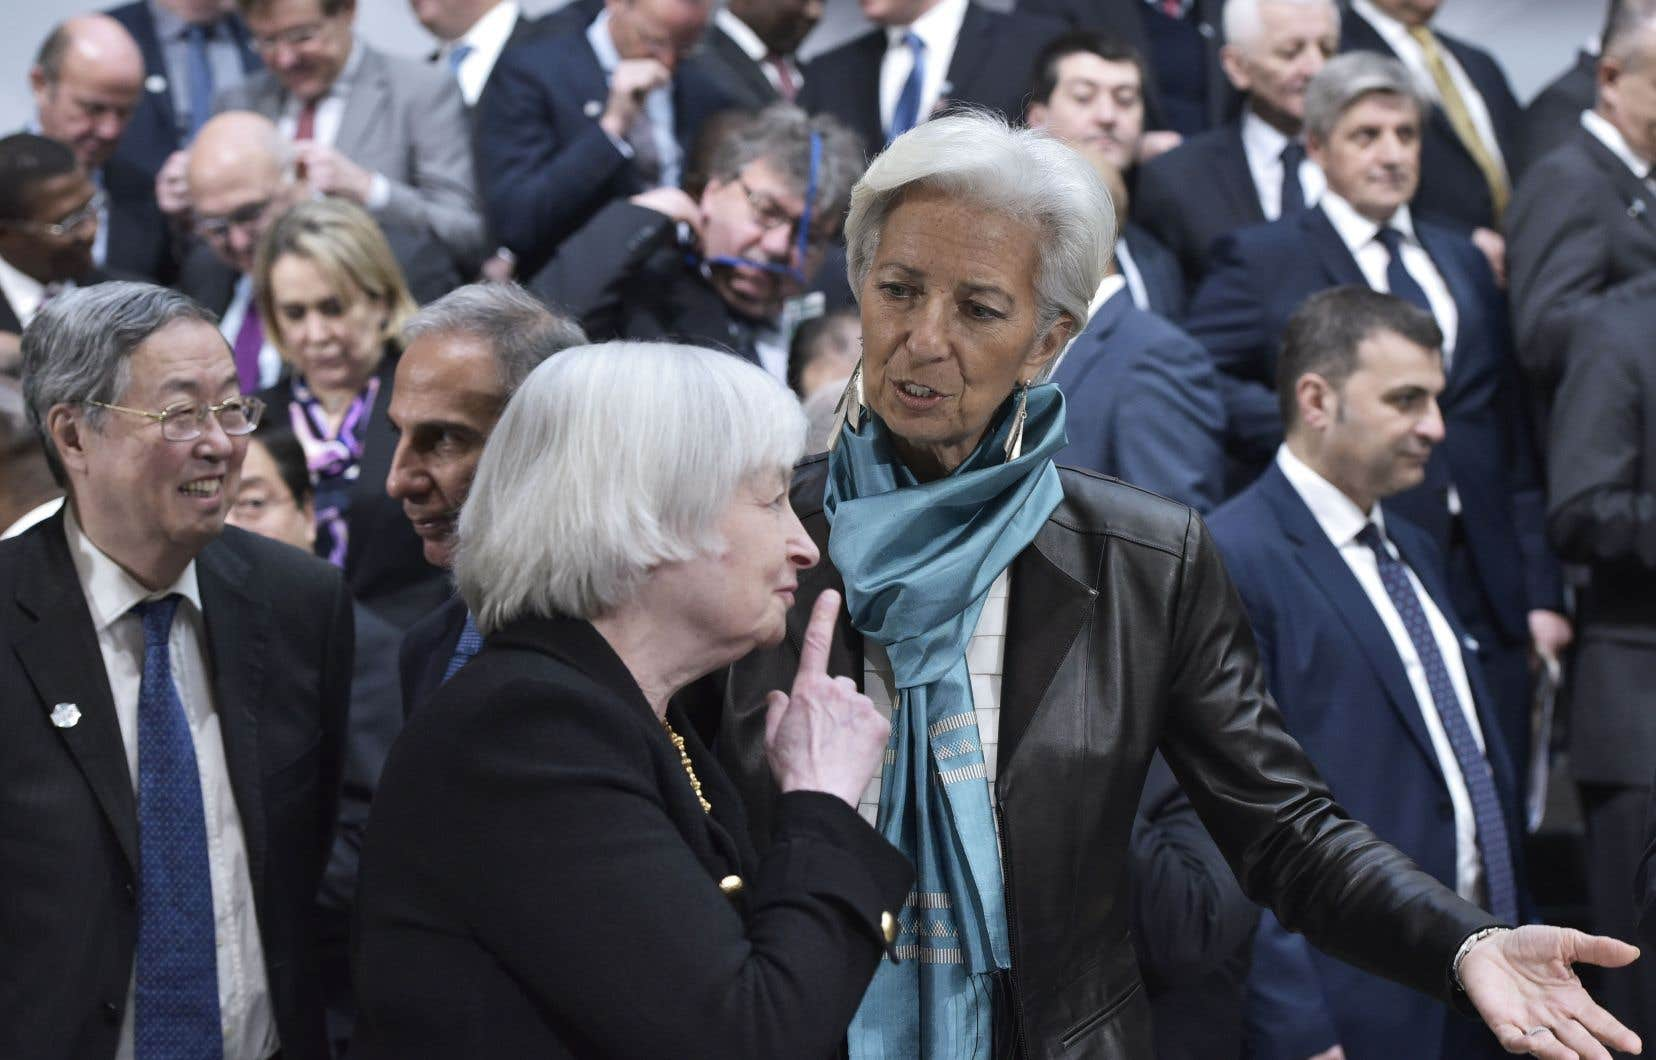 La directrice du FMI, Christine Lagarde (à droite), en compagnie de Janet Yellen, présidente du Conseil des gouverneurs de la Réserve fédérale américaine, à Washington en 2016